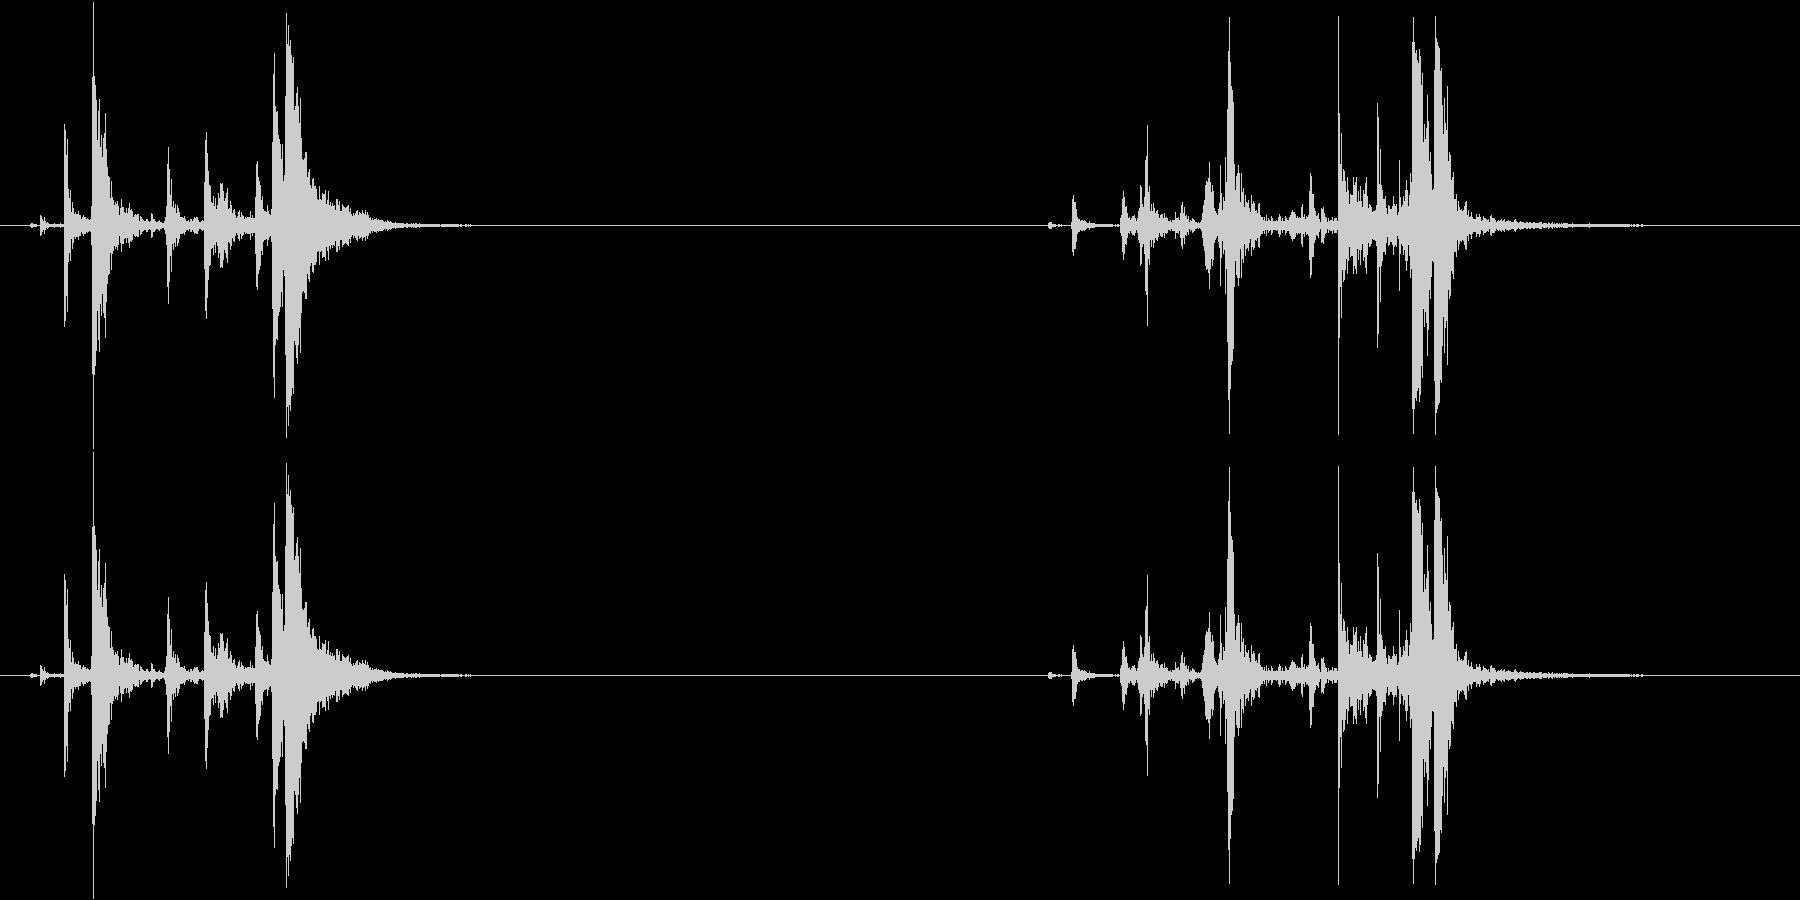 レミントン870:コックチャンバー...の未再生の波形